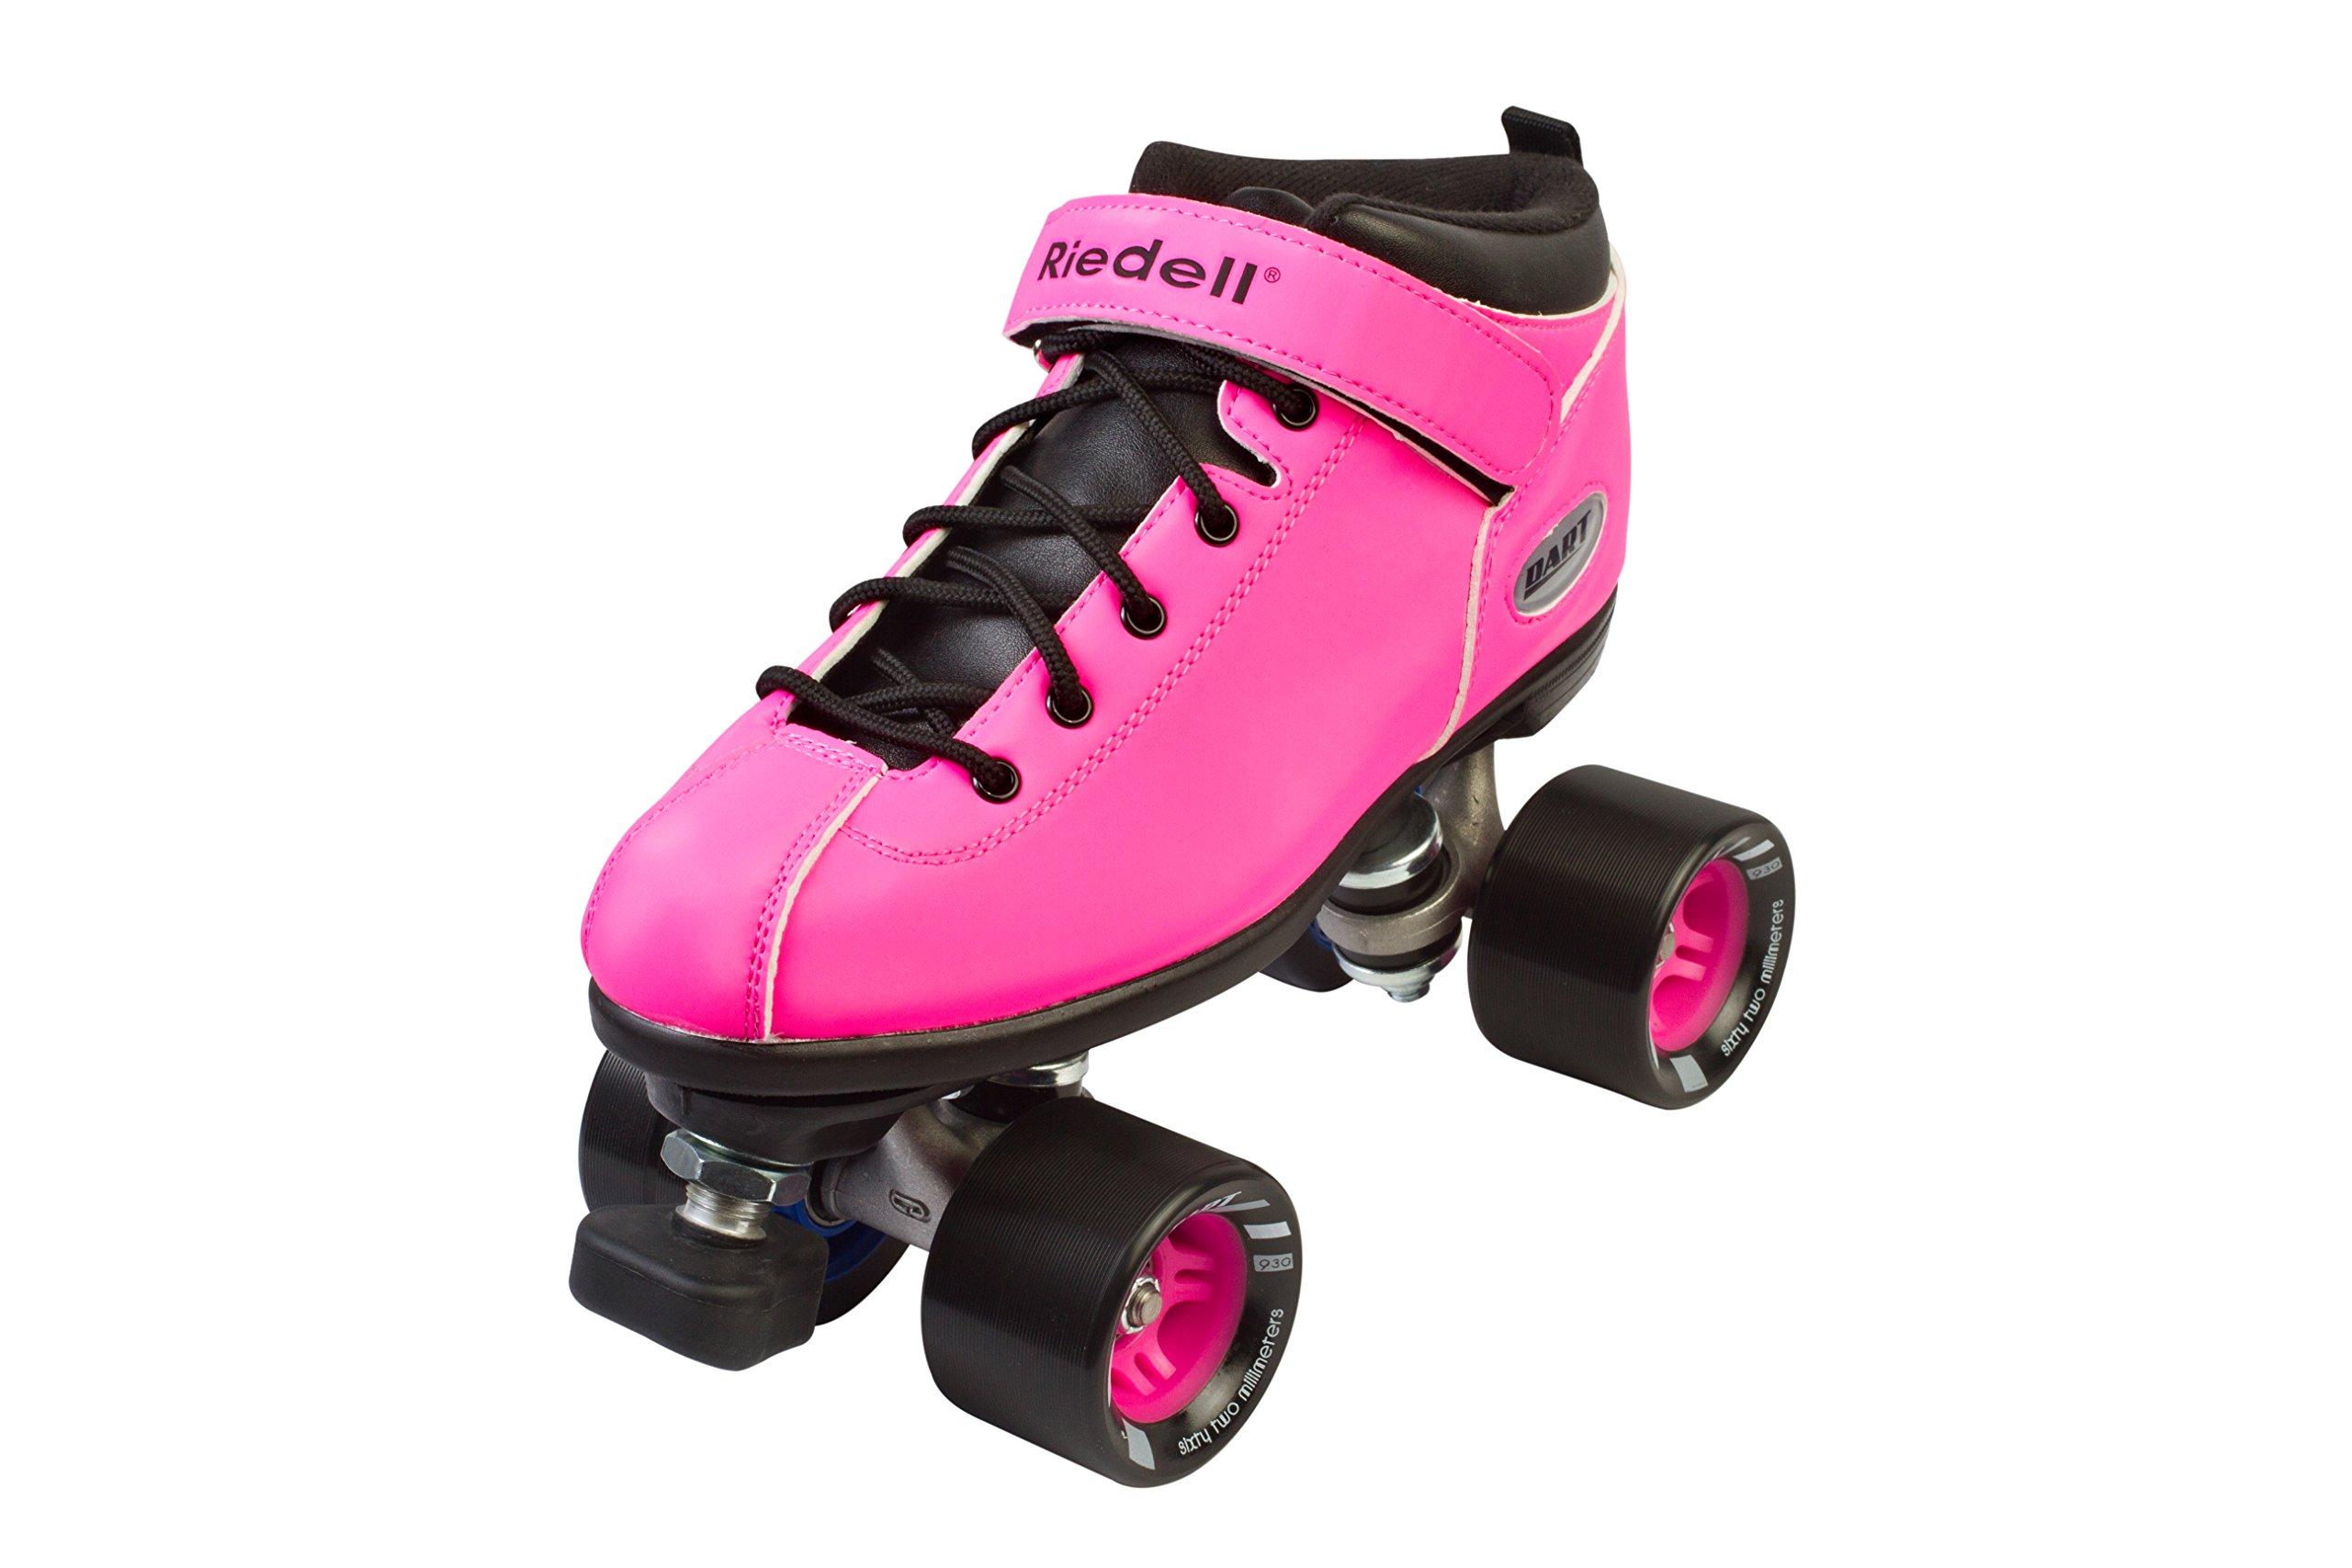 Riedell Roller Dart (Pink, 9 Medium)